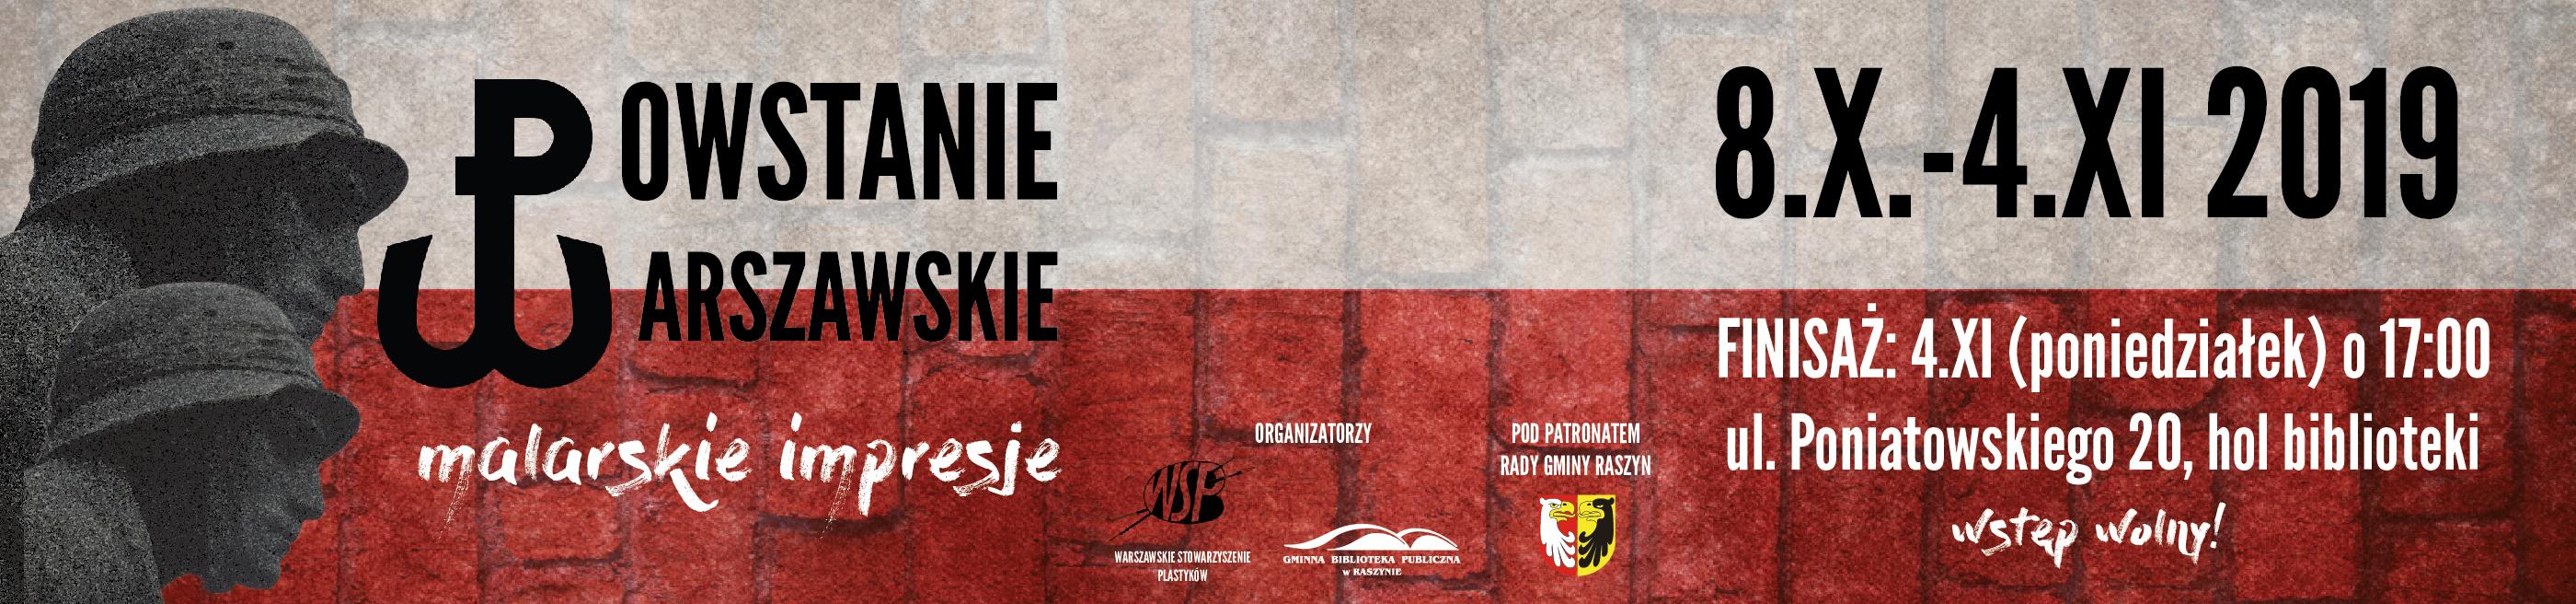 powstanie-warszawskie-baner